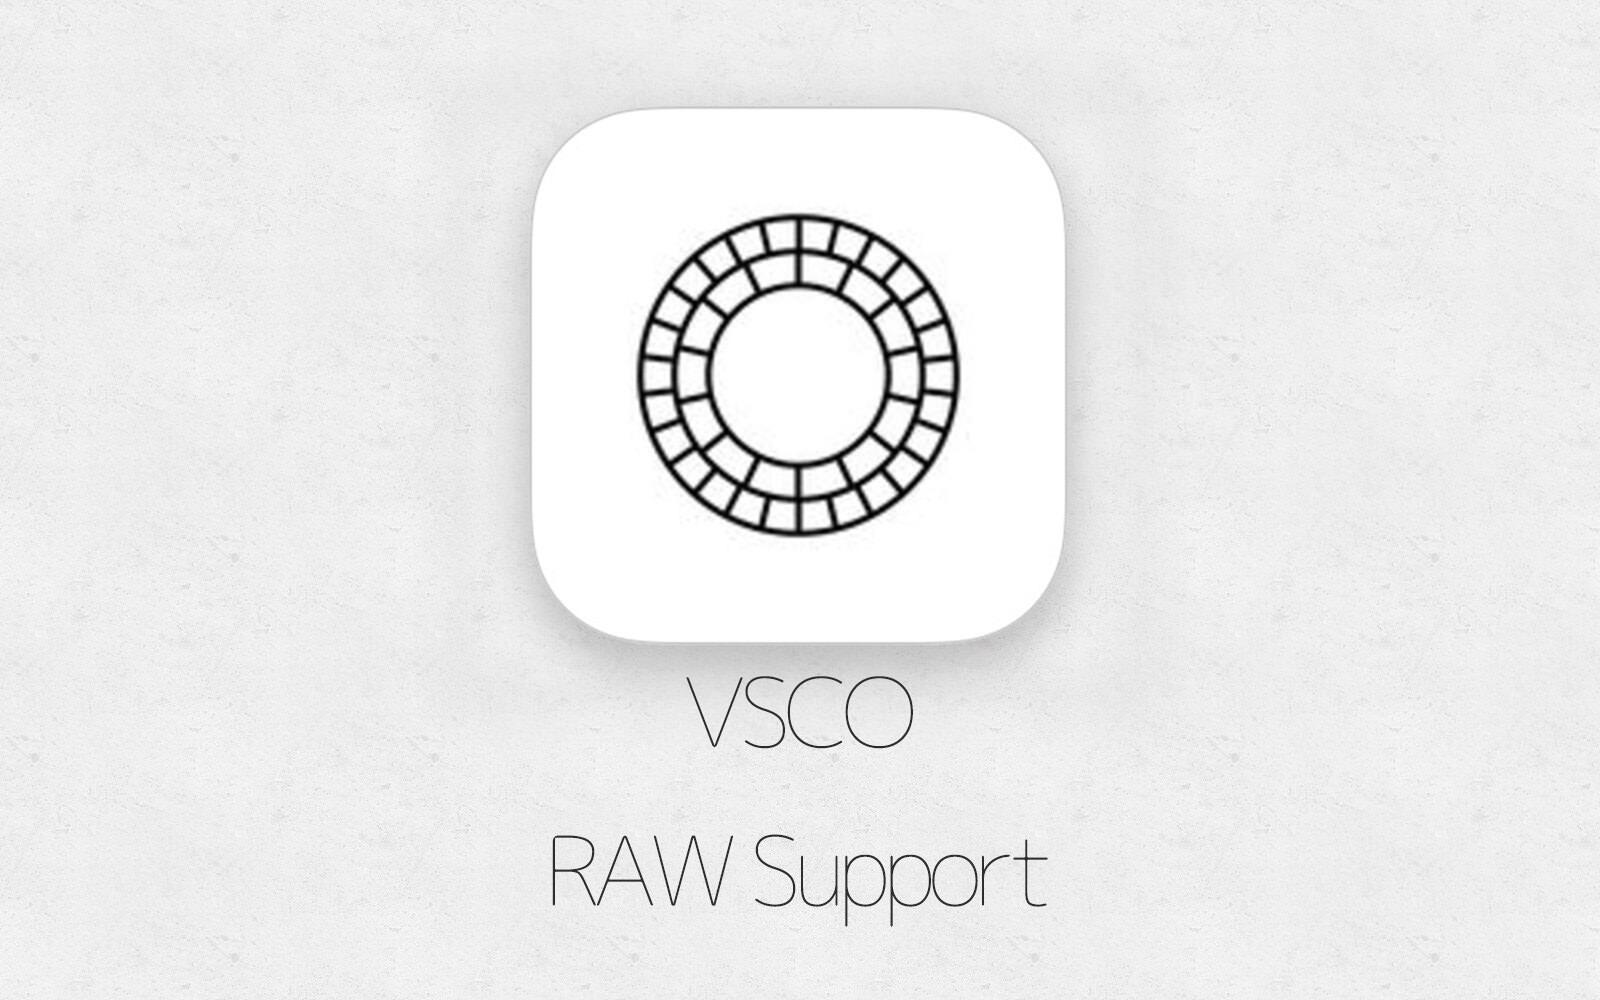 VSCOがiOS10のRAW編集に対応しました。